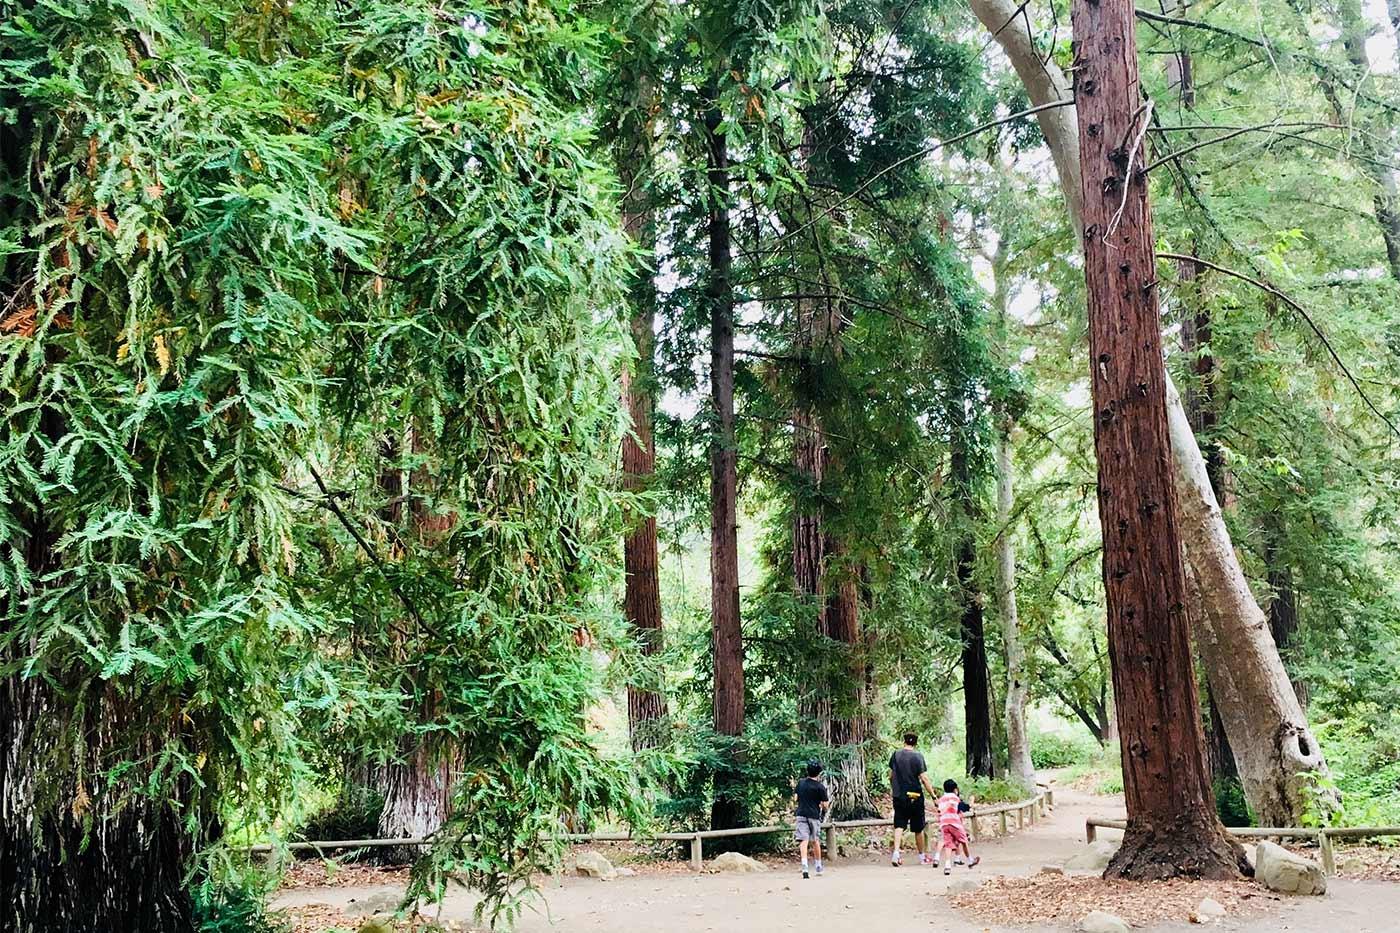 South Coast Botanical Garden